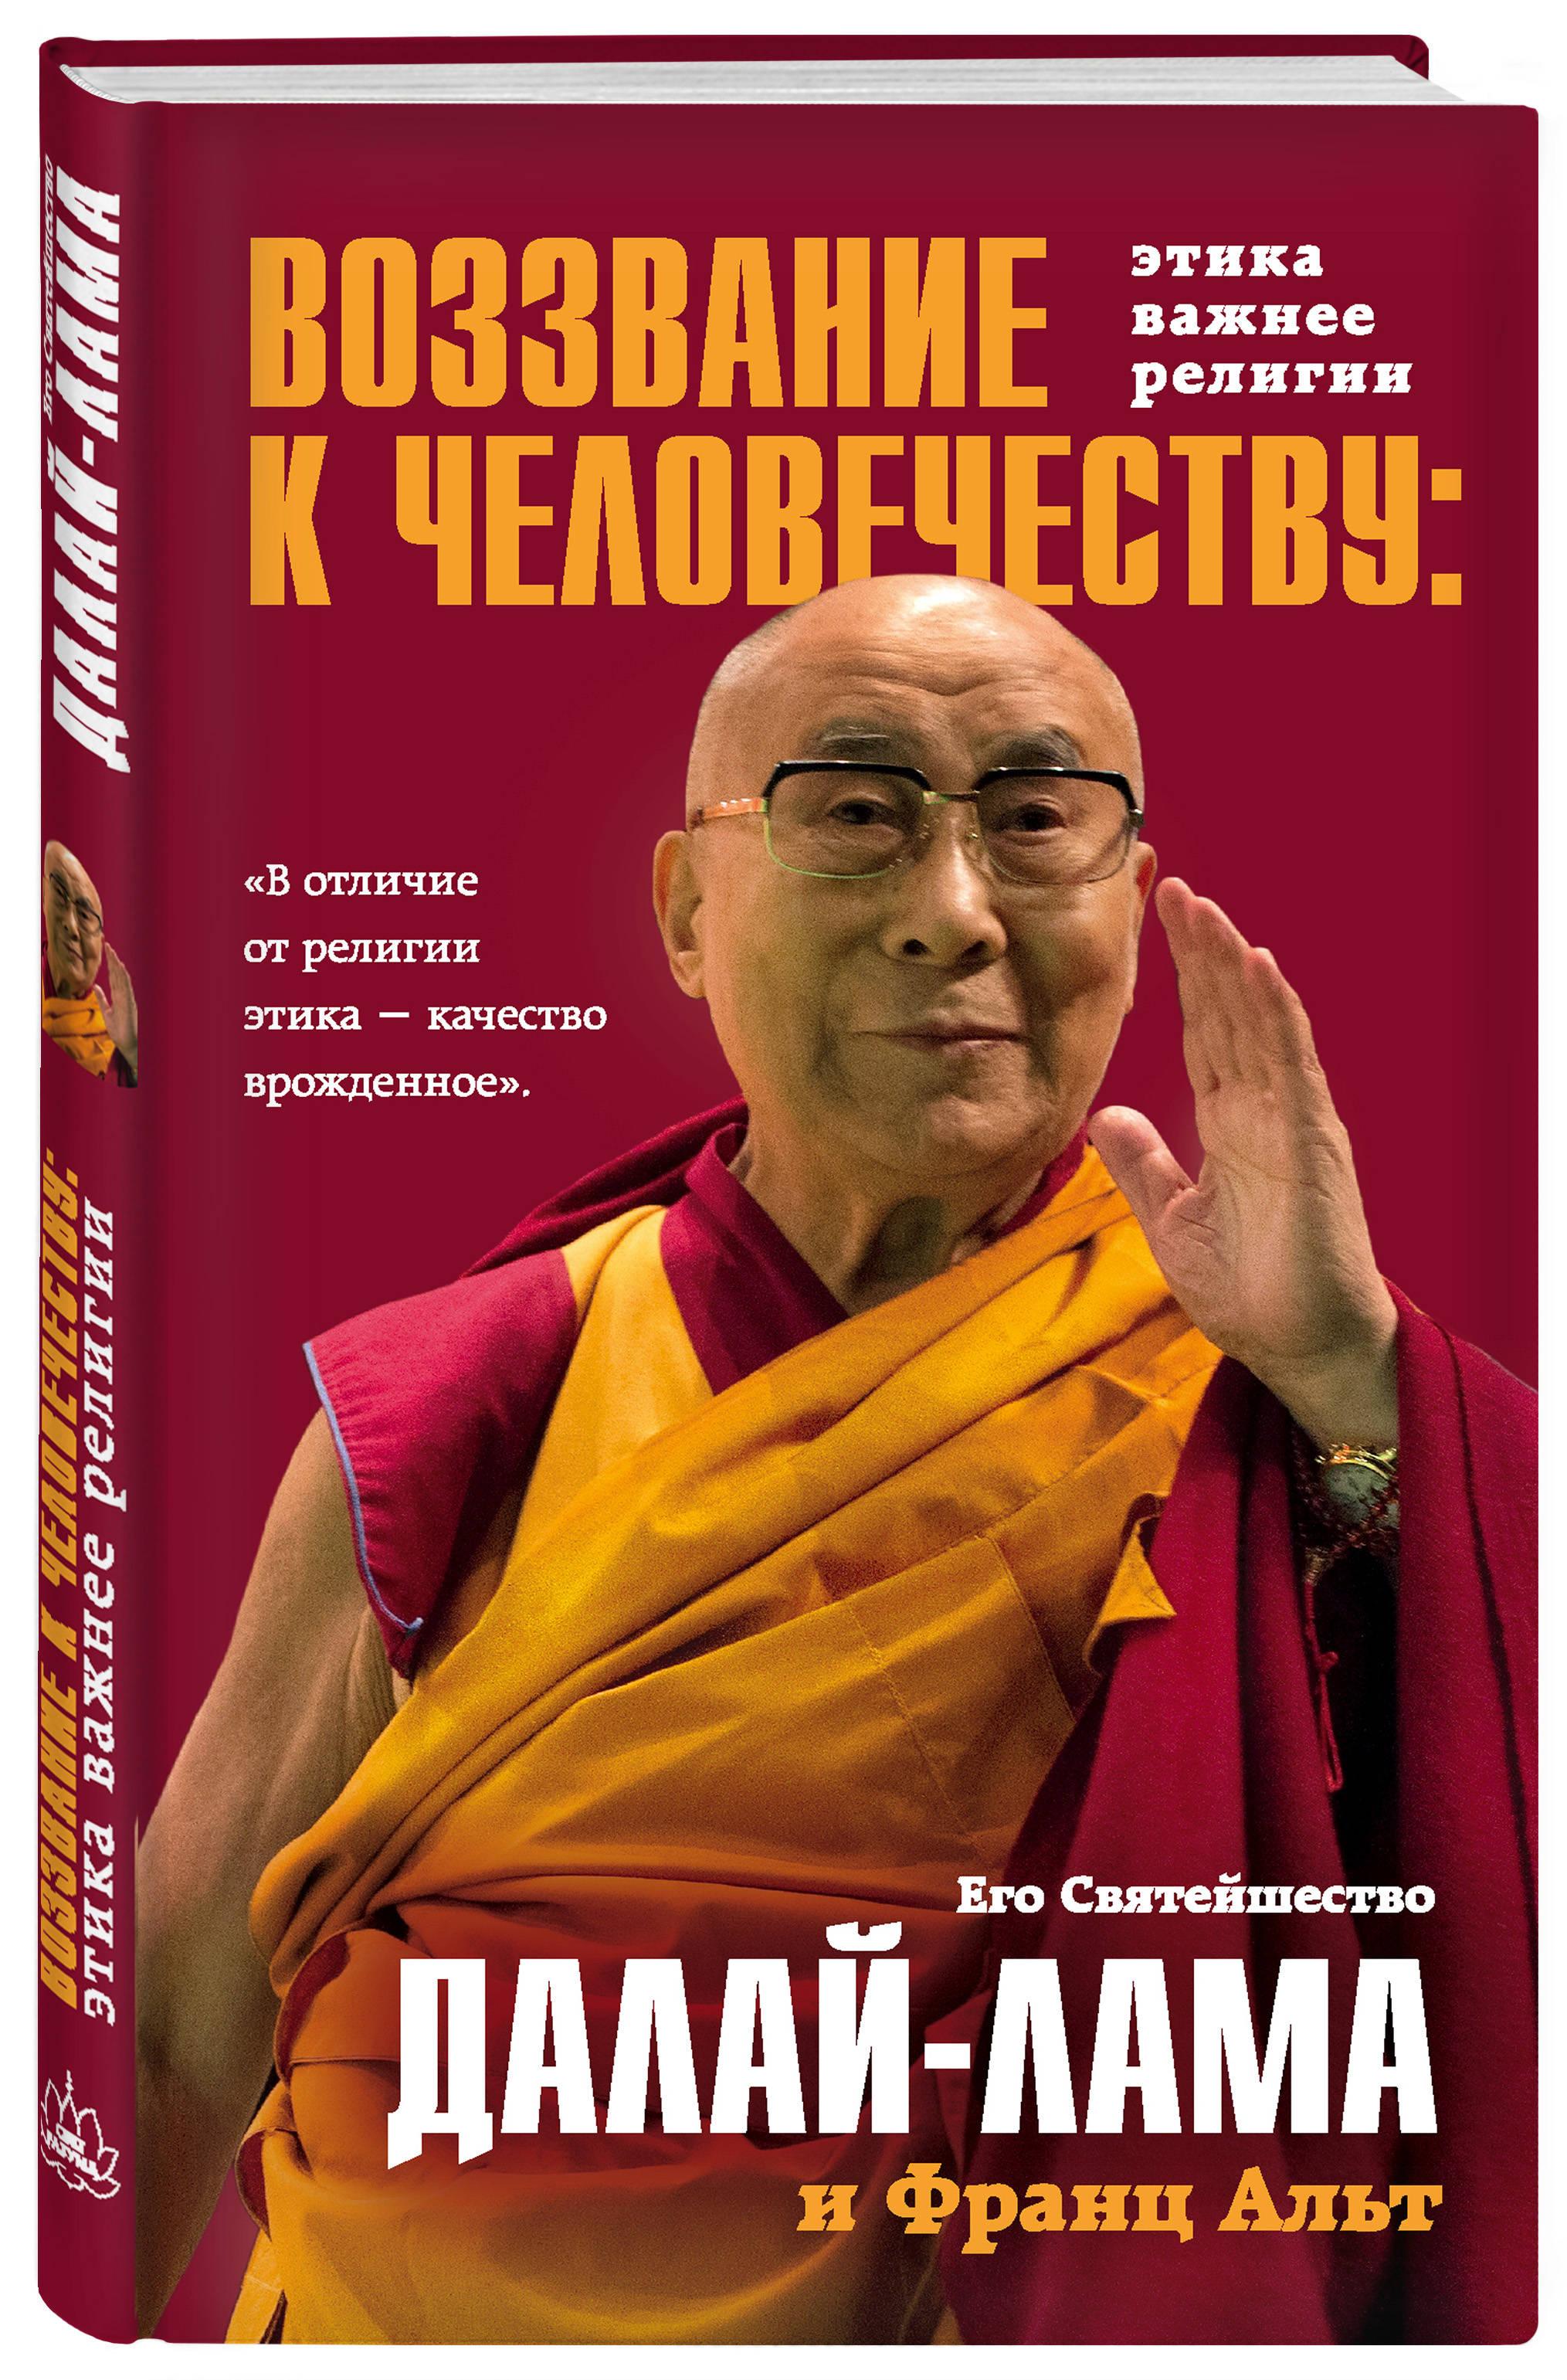 Воззвание Далай-ламы к человечеству: Этика важнее религии ( Далай-лама  )